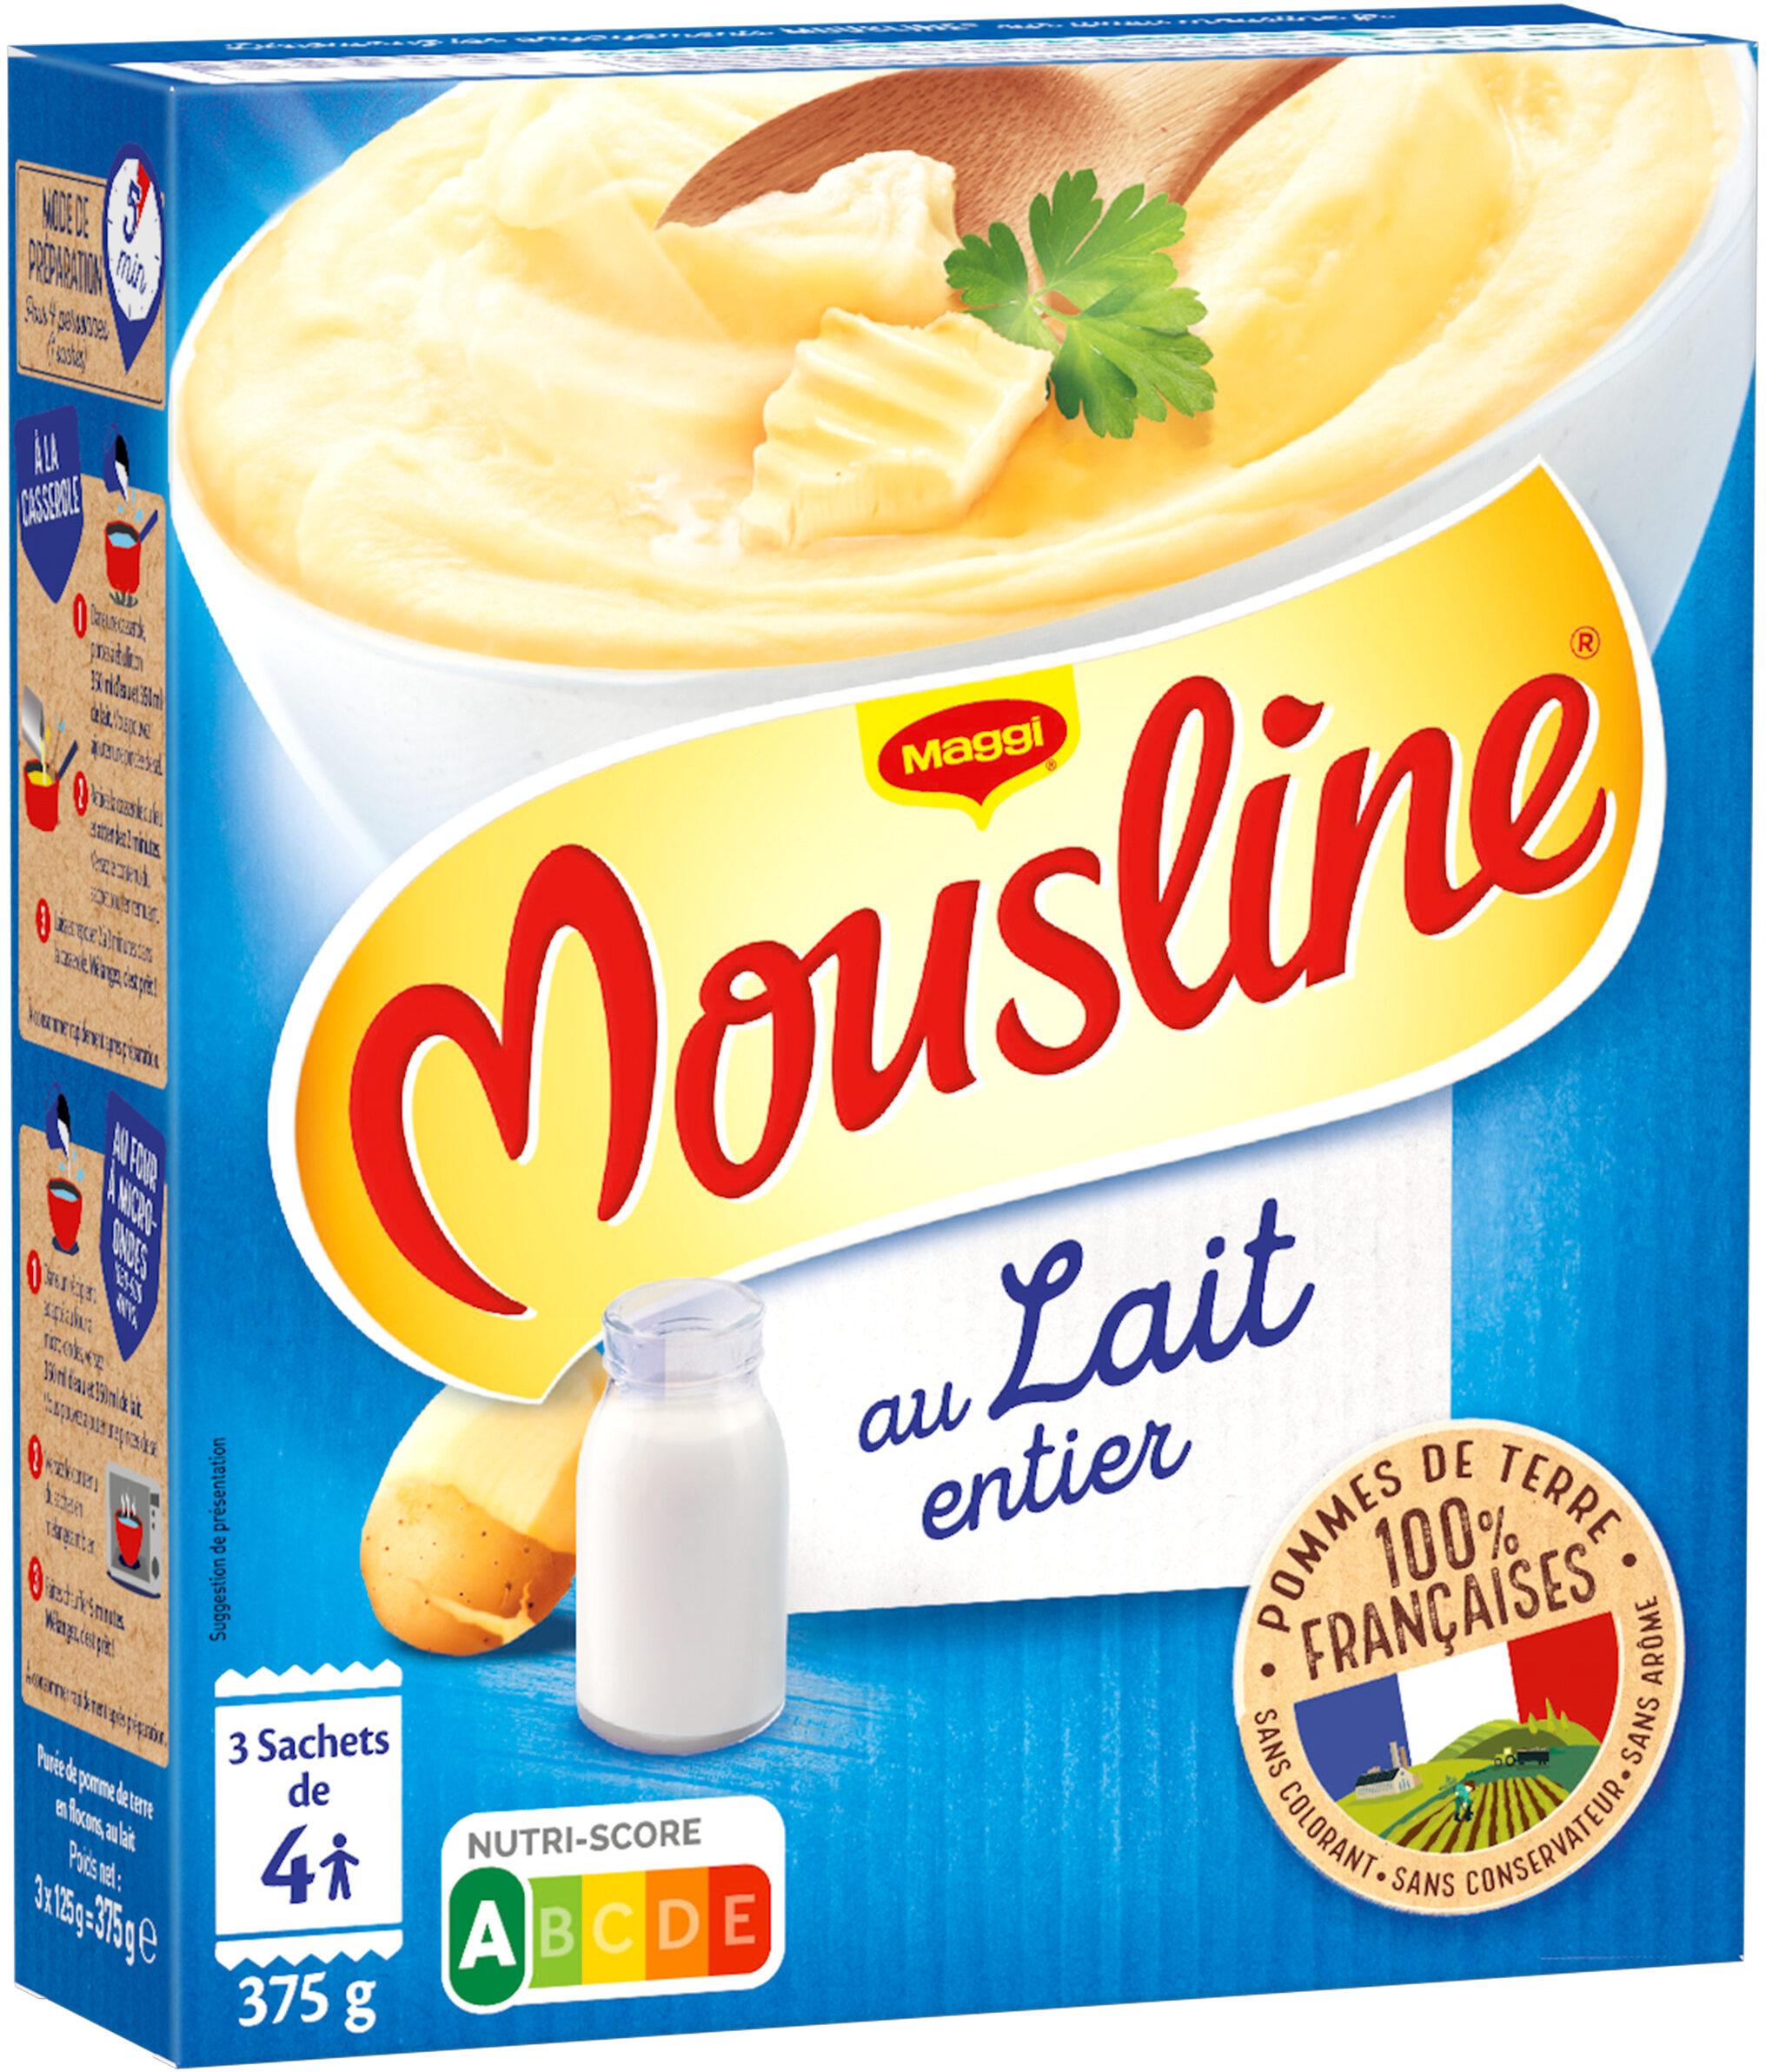 MOUSLINE Purée au lait entier Format Famille (3x125g) - Product - fr